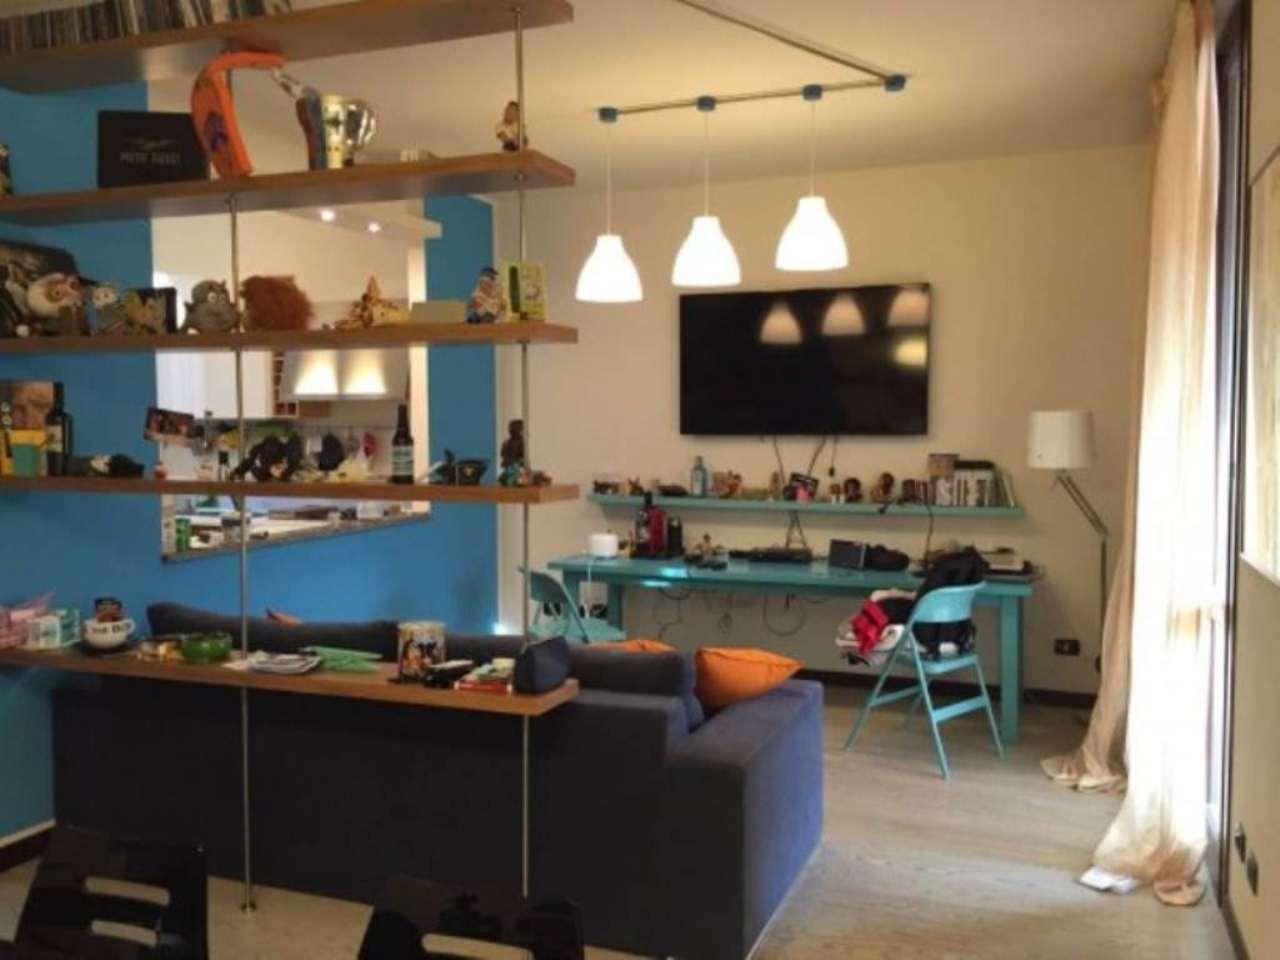 Attico / Mansarda in vendita a Giussano, 3 locali, prezzo € 229.000 | CambioCasa.it